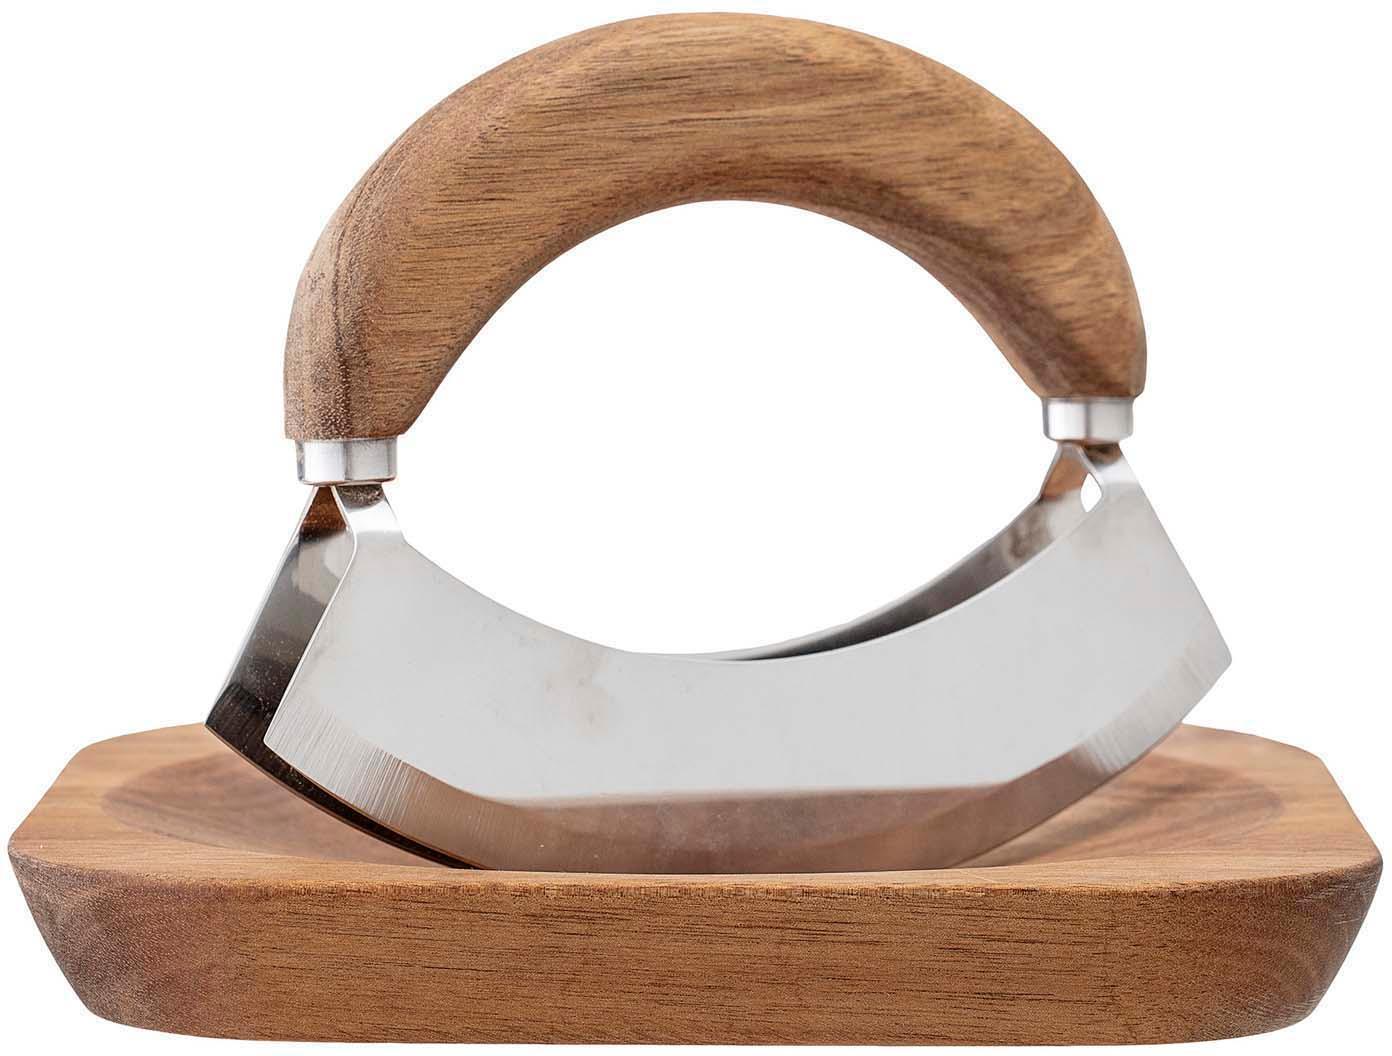 Set coltello mezzaluna Cut 2 pz, Legno di acacia, acciaio inossidabile, Legno di acacia, acciaio inossidabile, Set in varie misure